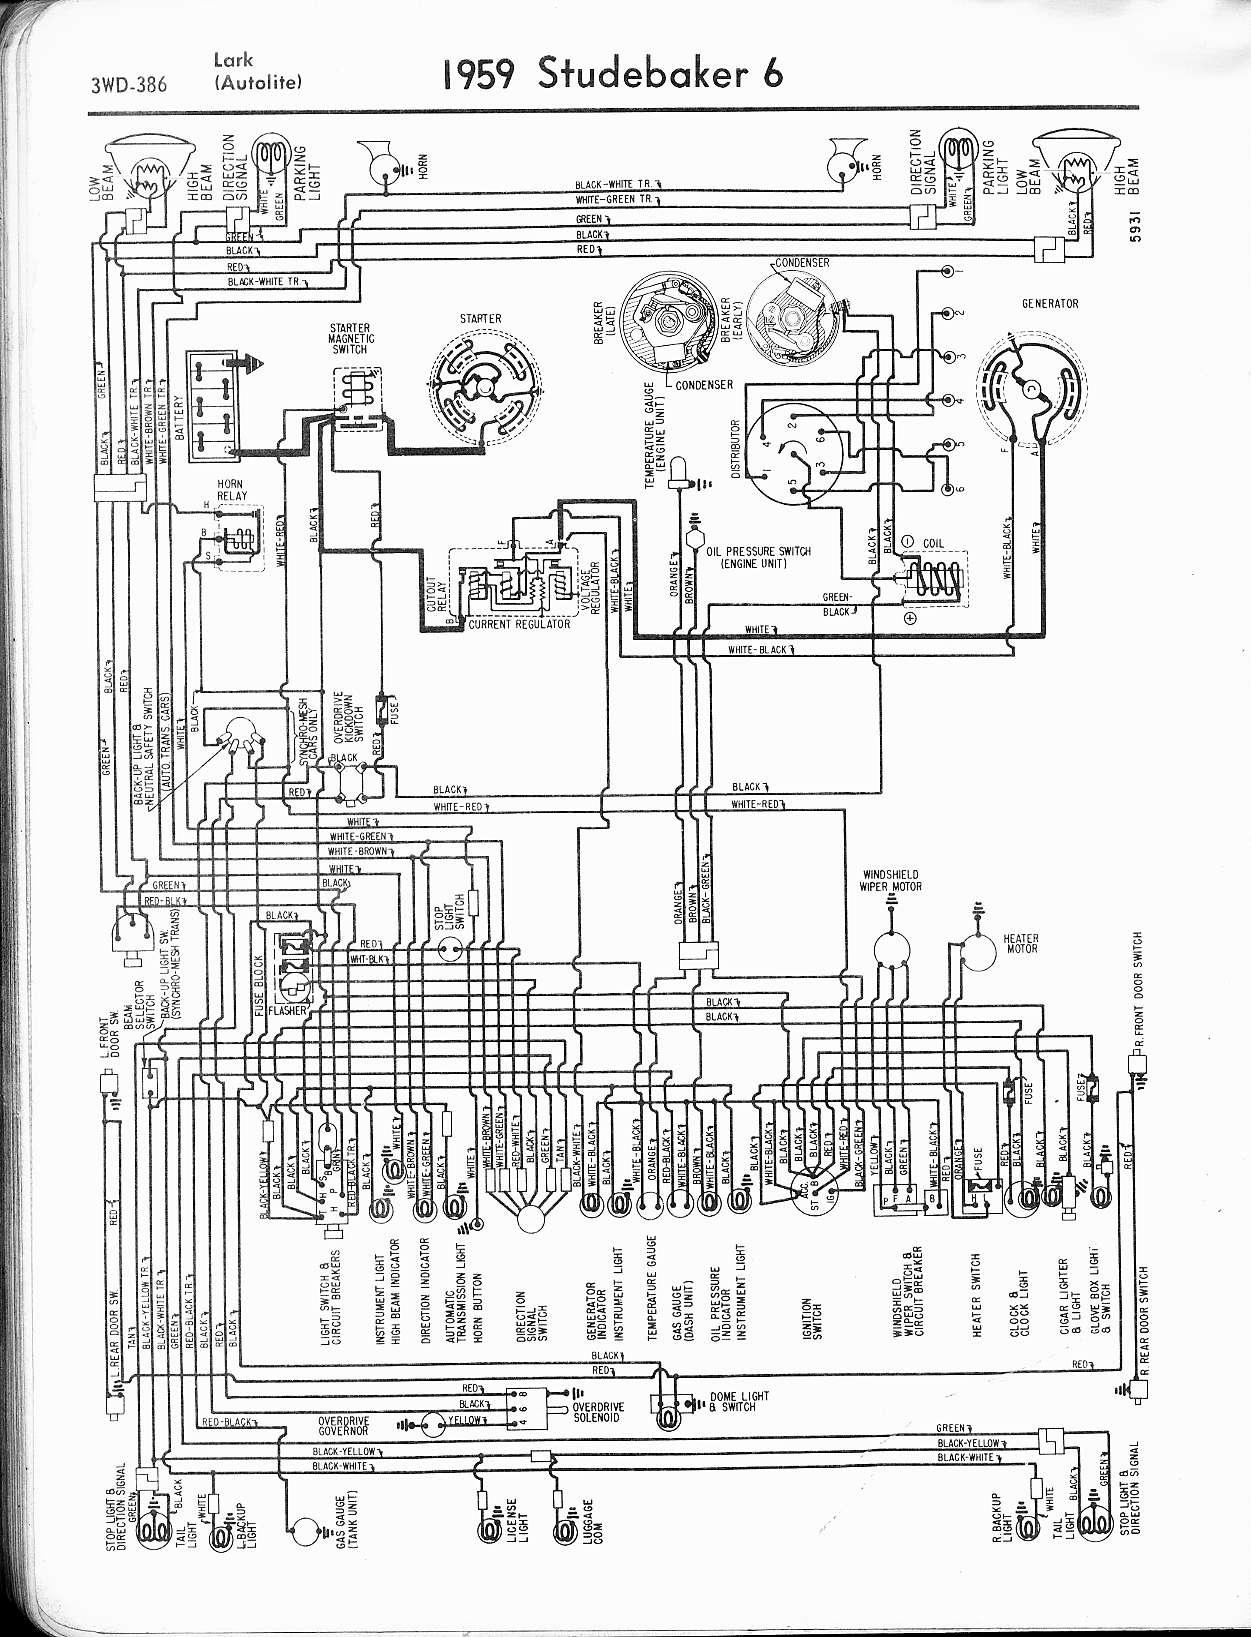 wiring diagrams cars eg 2913  triumph wiring diagram auto car diagrams automotive  wiring diagram auto car diagrams